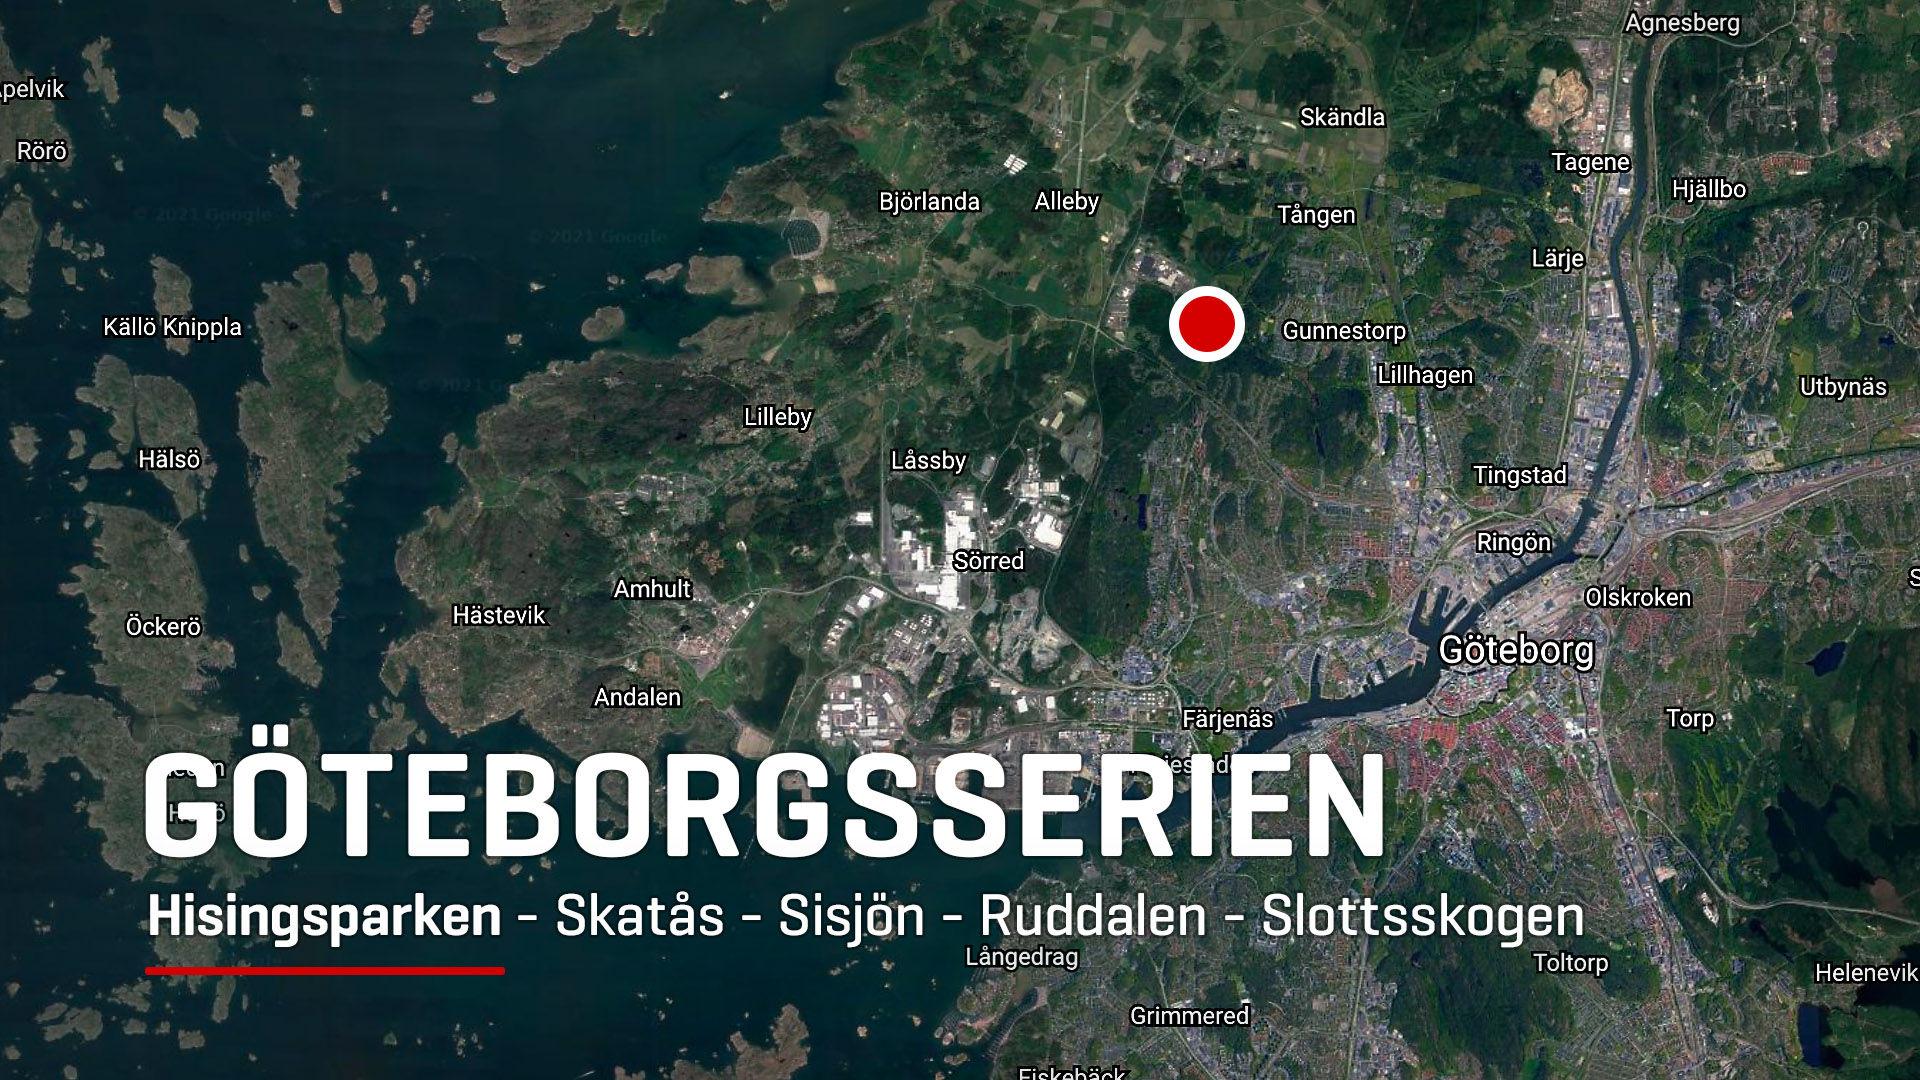 Göteborgsserien - Hisingsparken